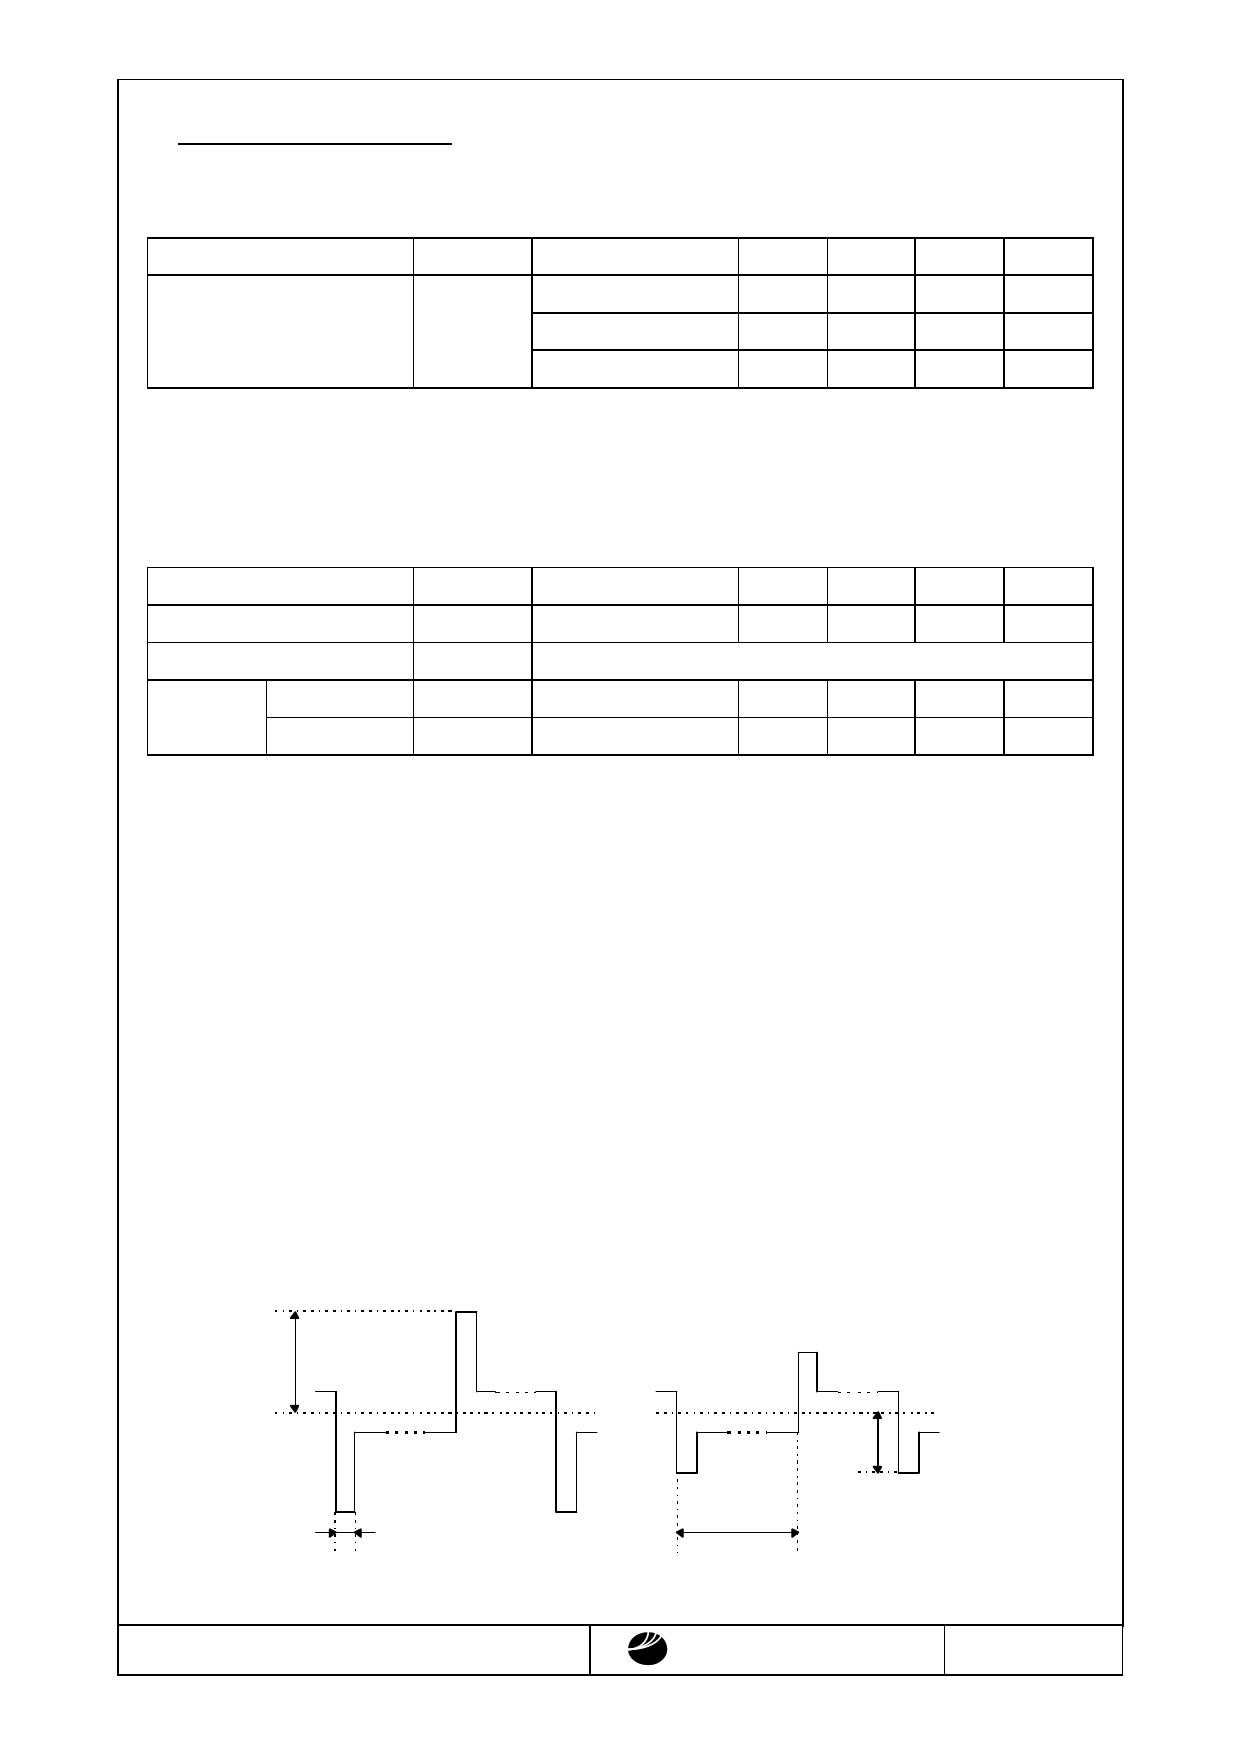 F-51159NYJ-SEW-AA arduino